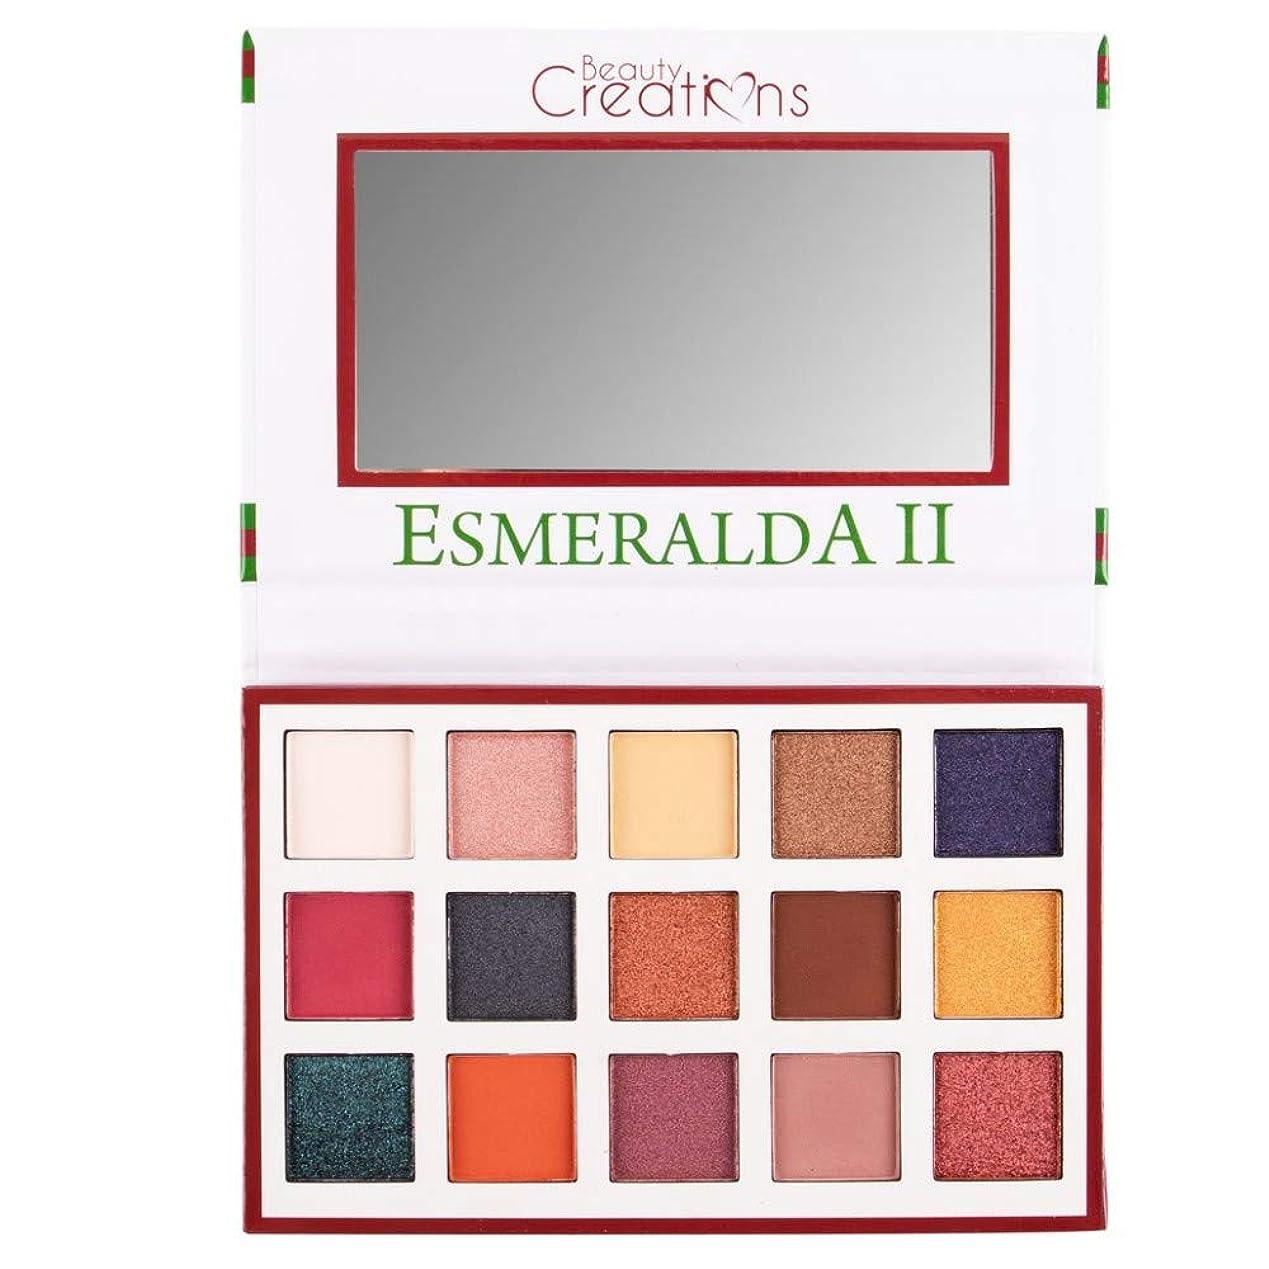 符号処方する高尚な(3 Pack) BEAUTY CREATIONS Esmeralda II 15 Color Eyeshadow Palette (並行輸入品)